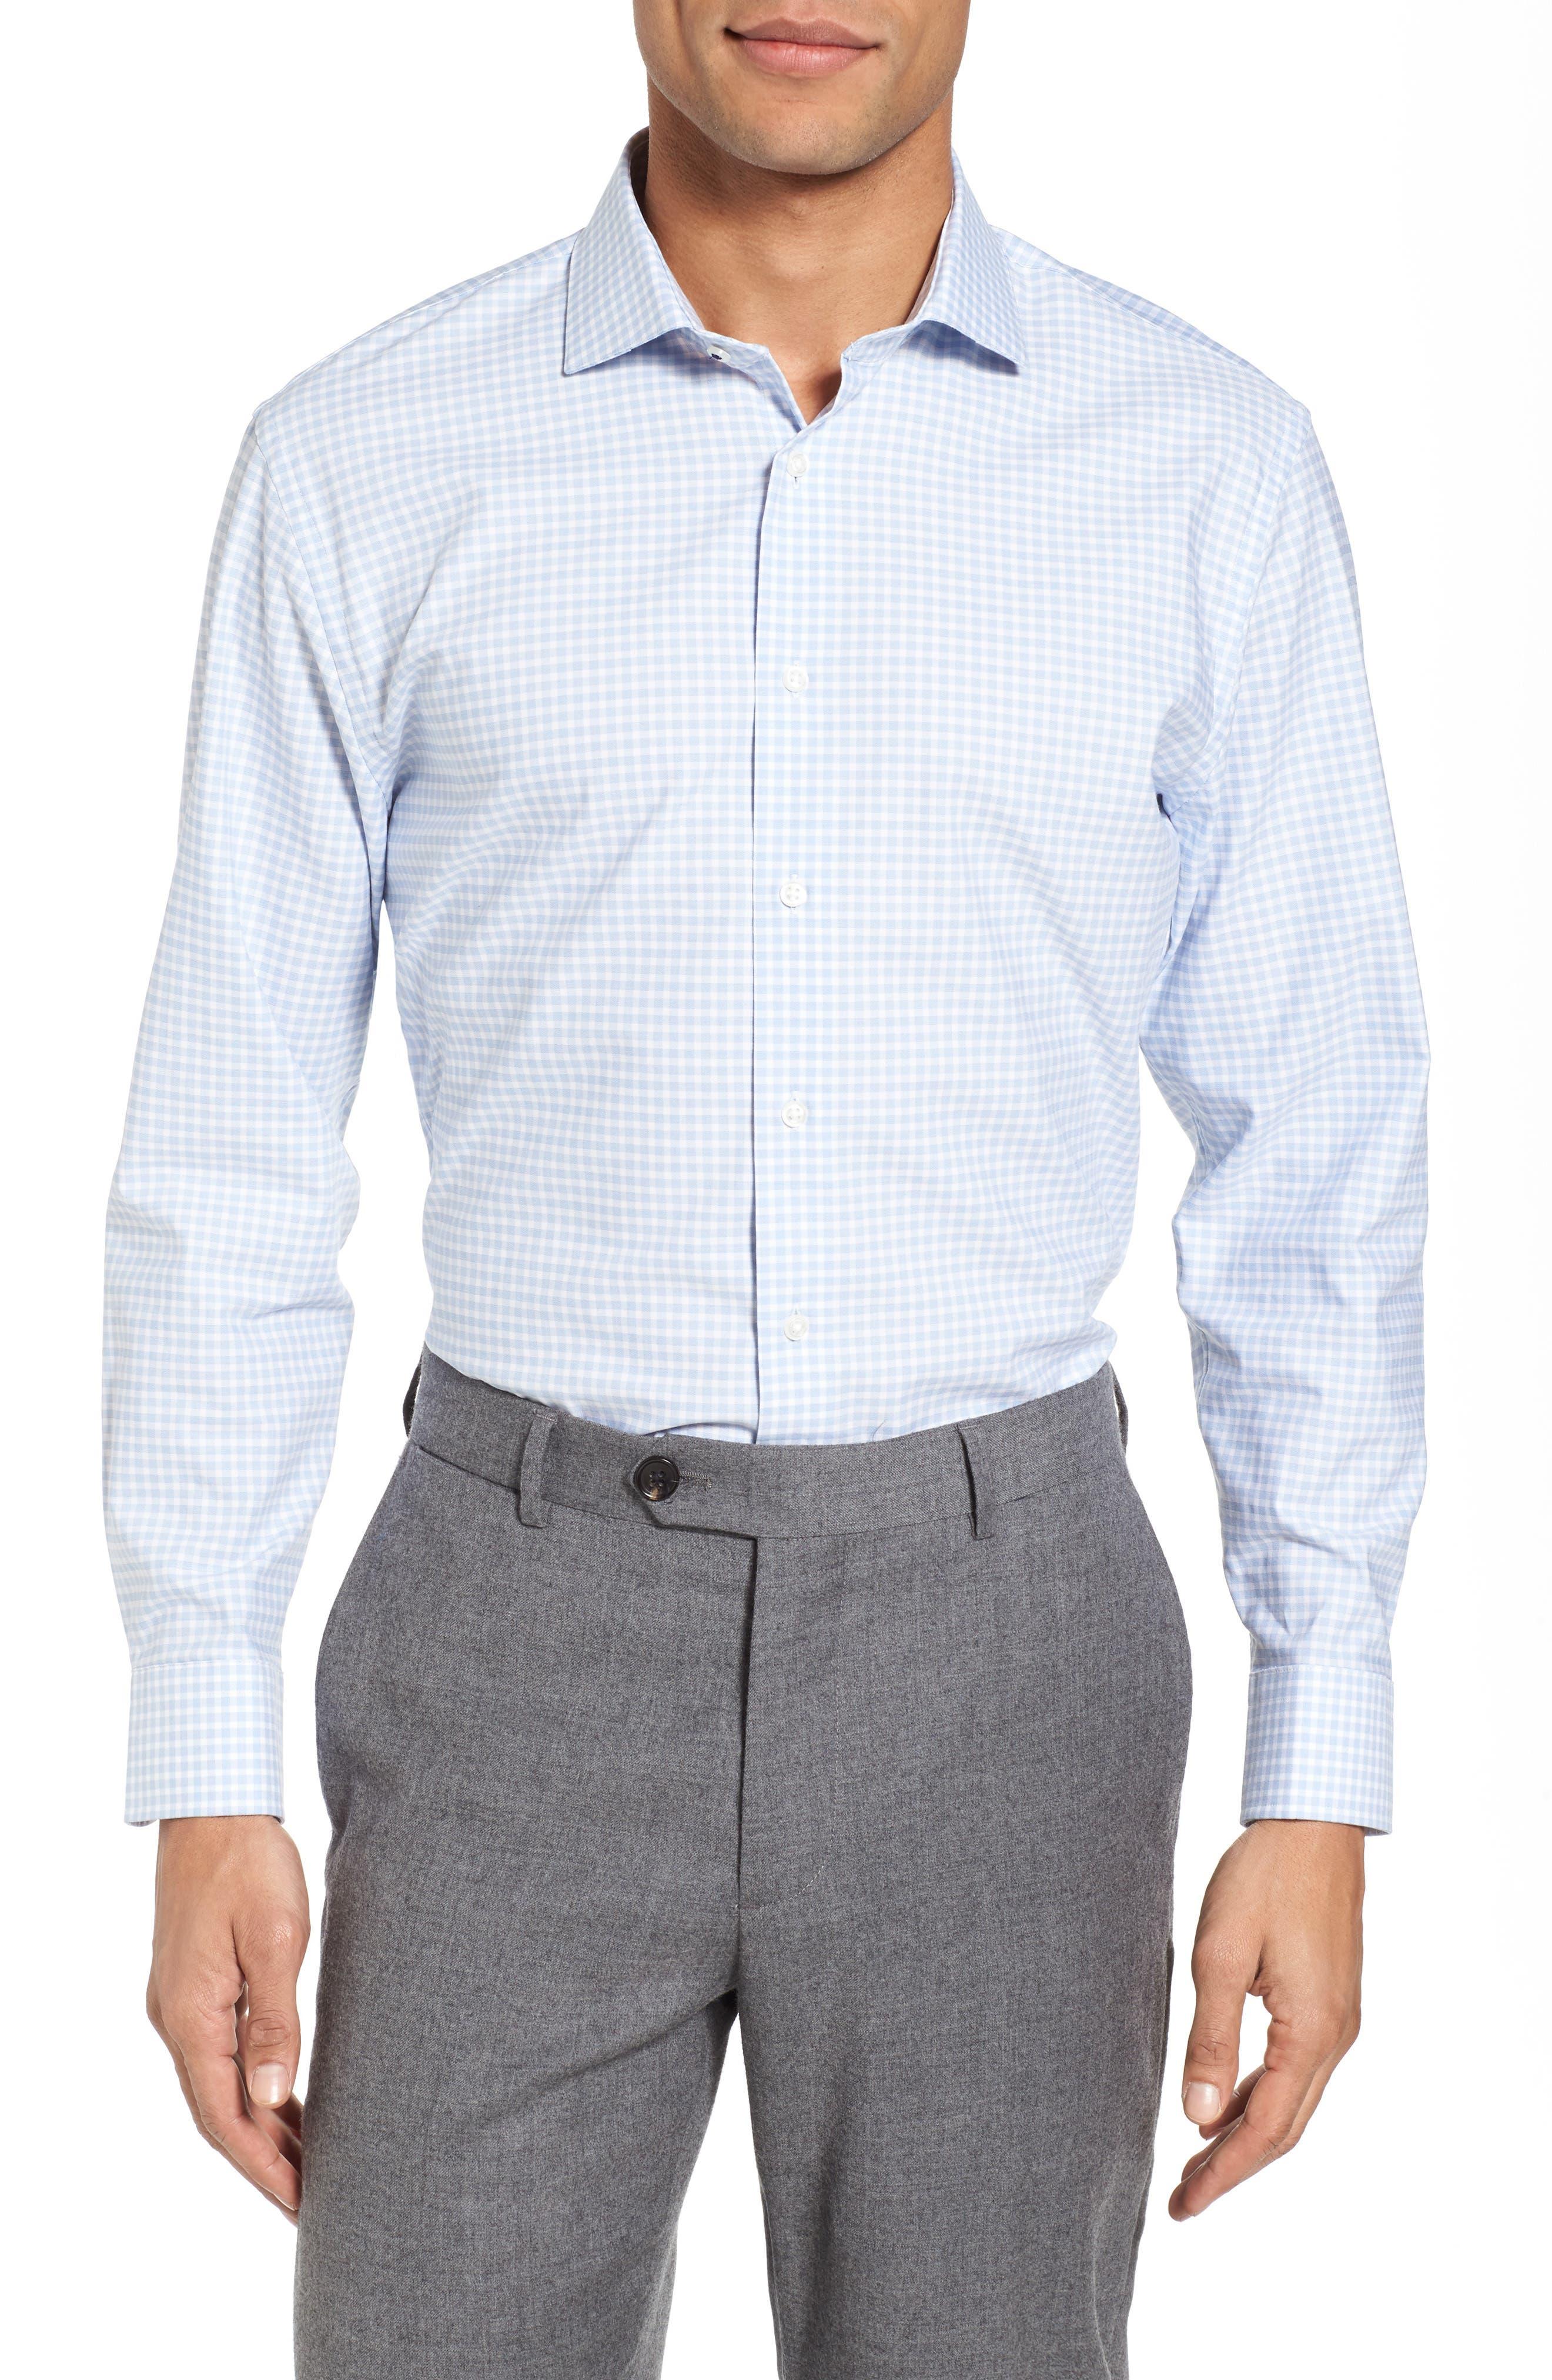 Main Image - Nordstrom Men's Shop Tech-Smart Trim Fit Check Dress Shirt